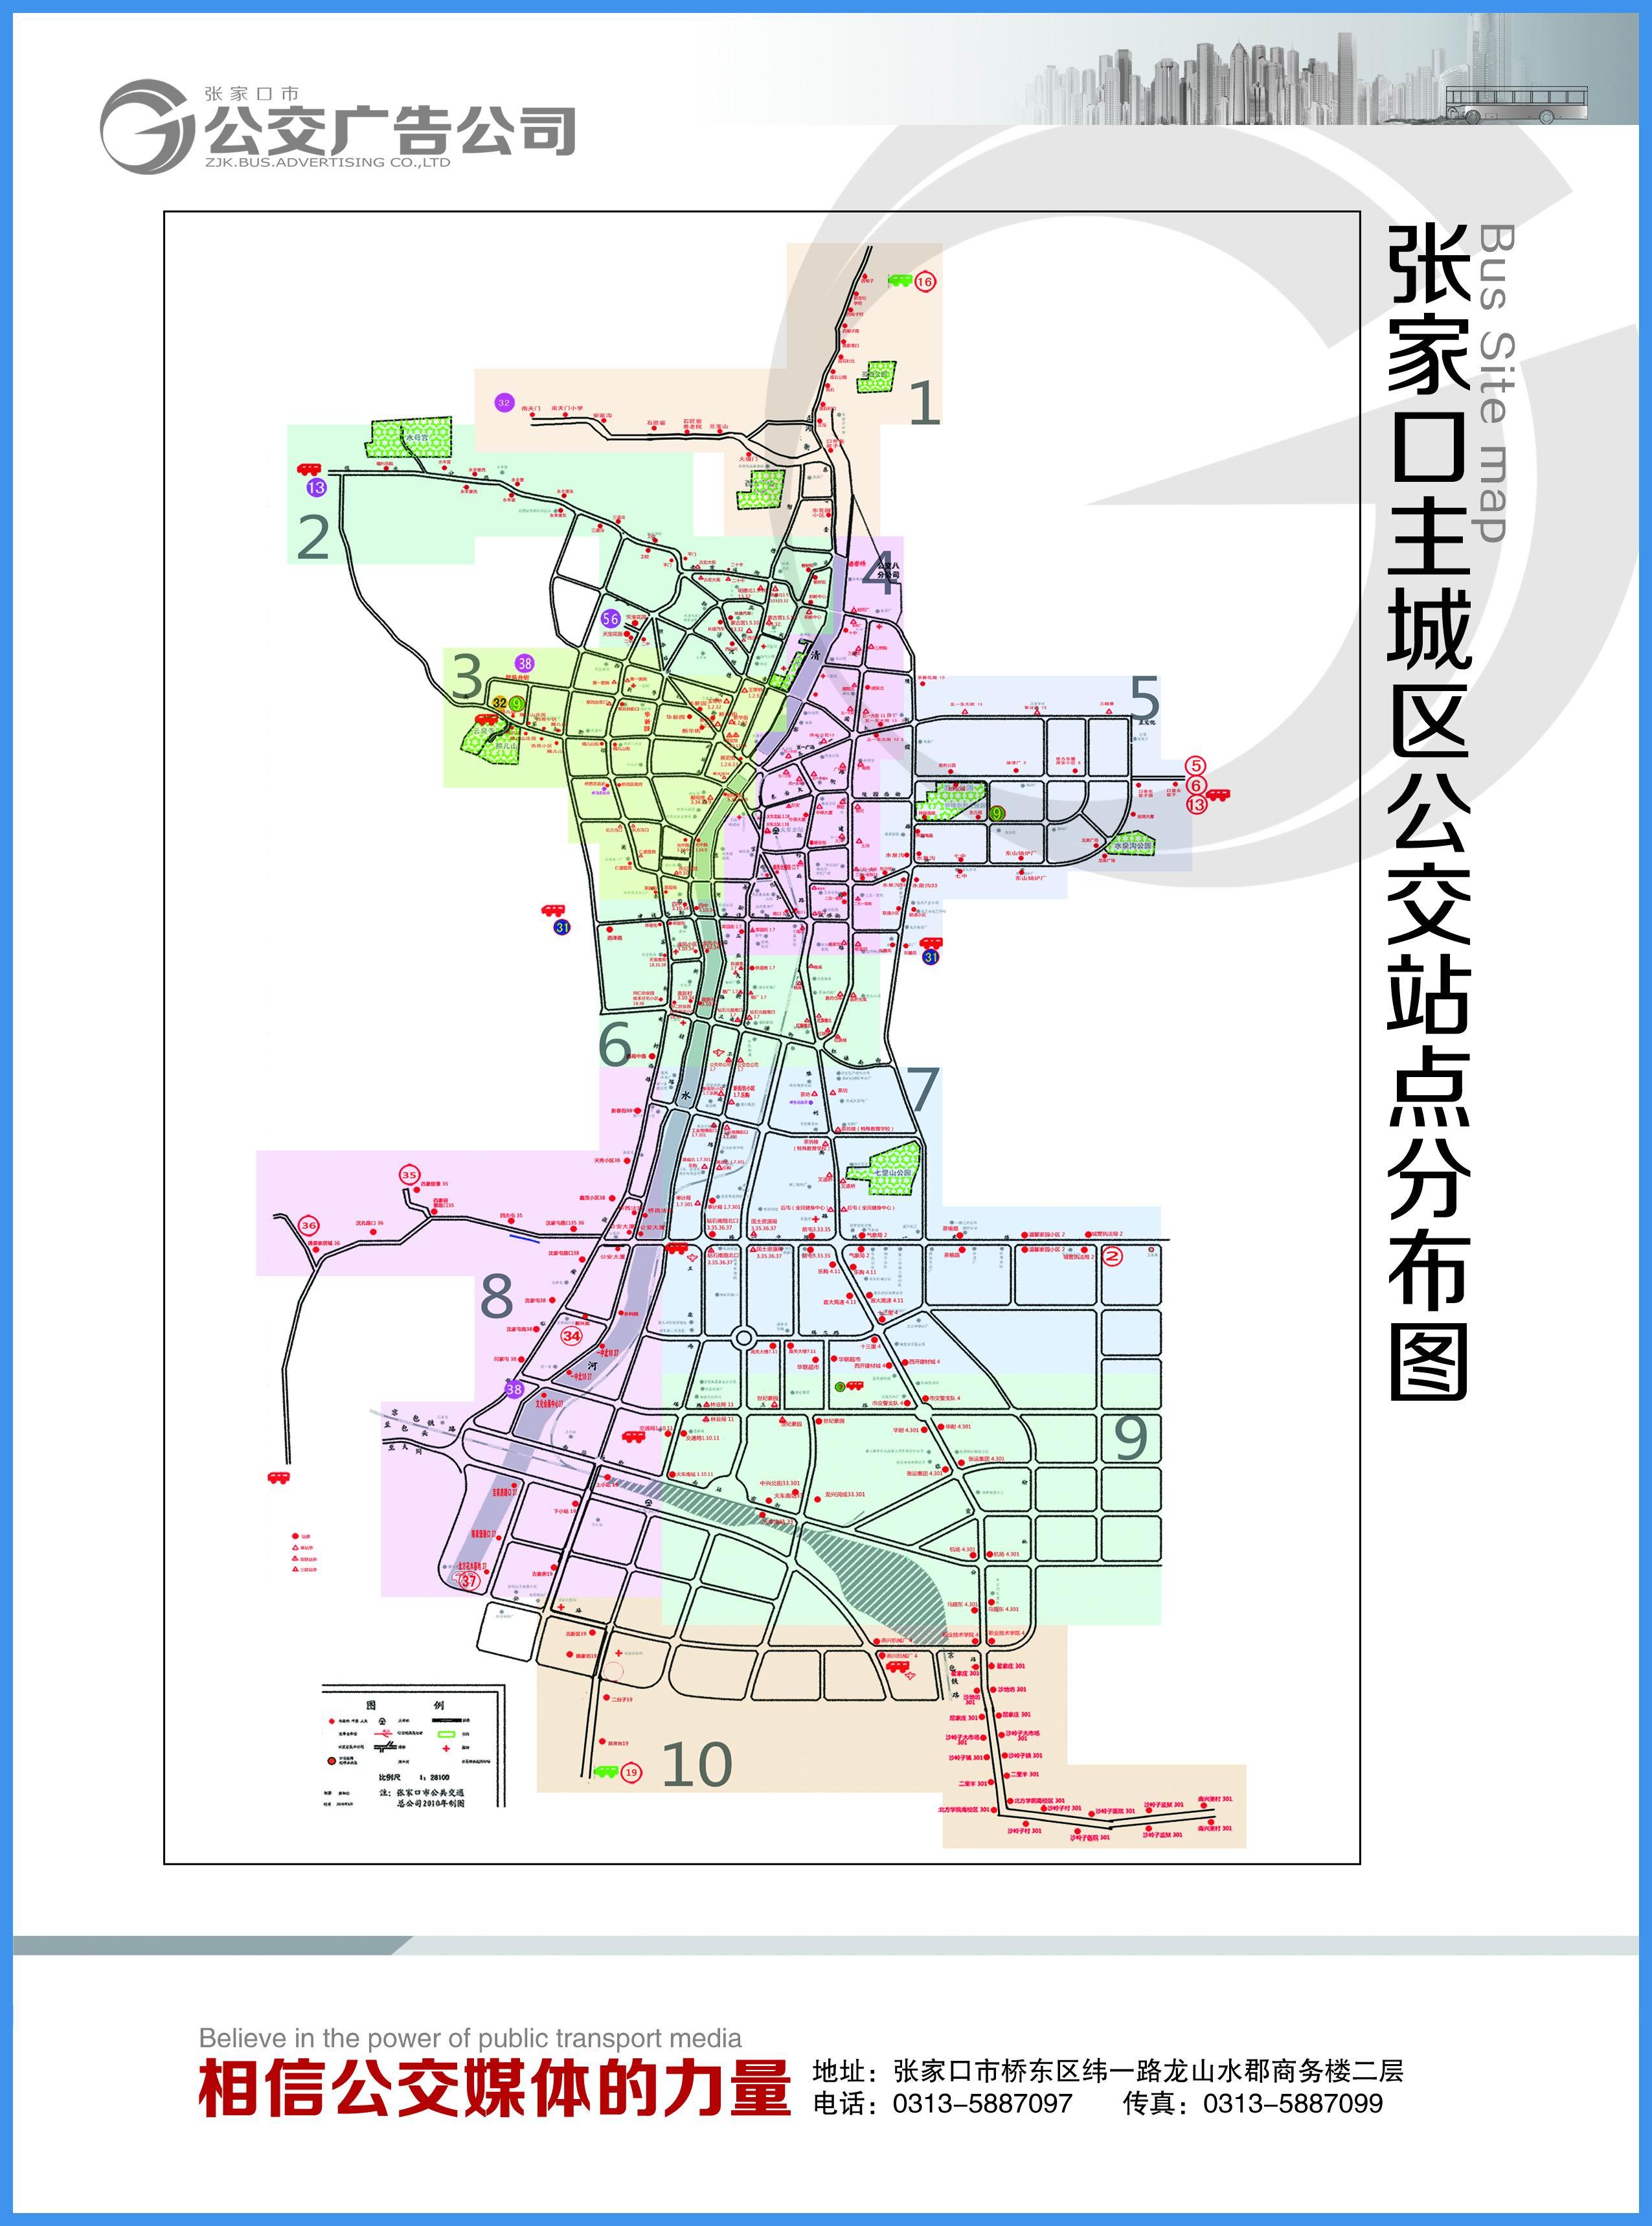 3-公交站点分布图